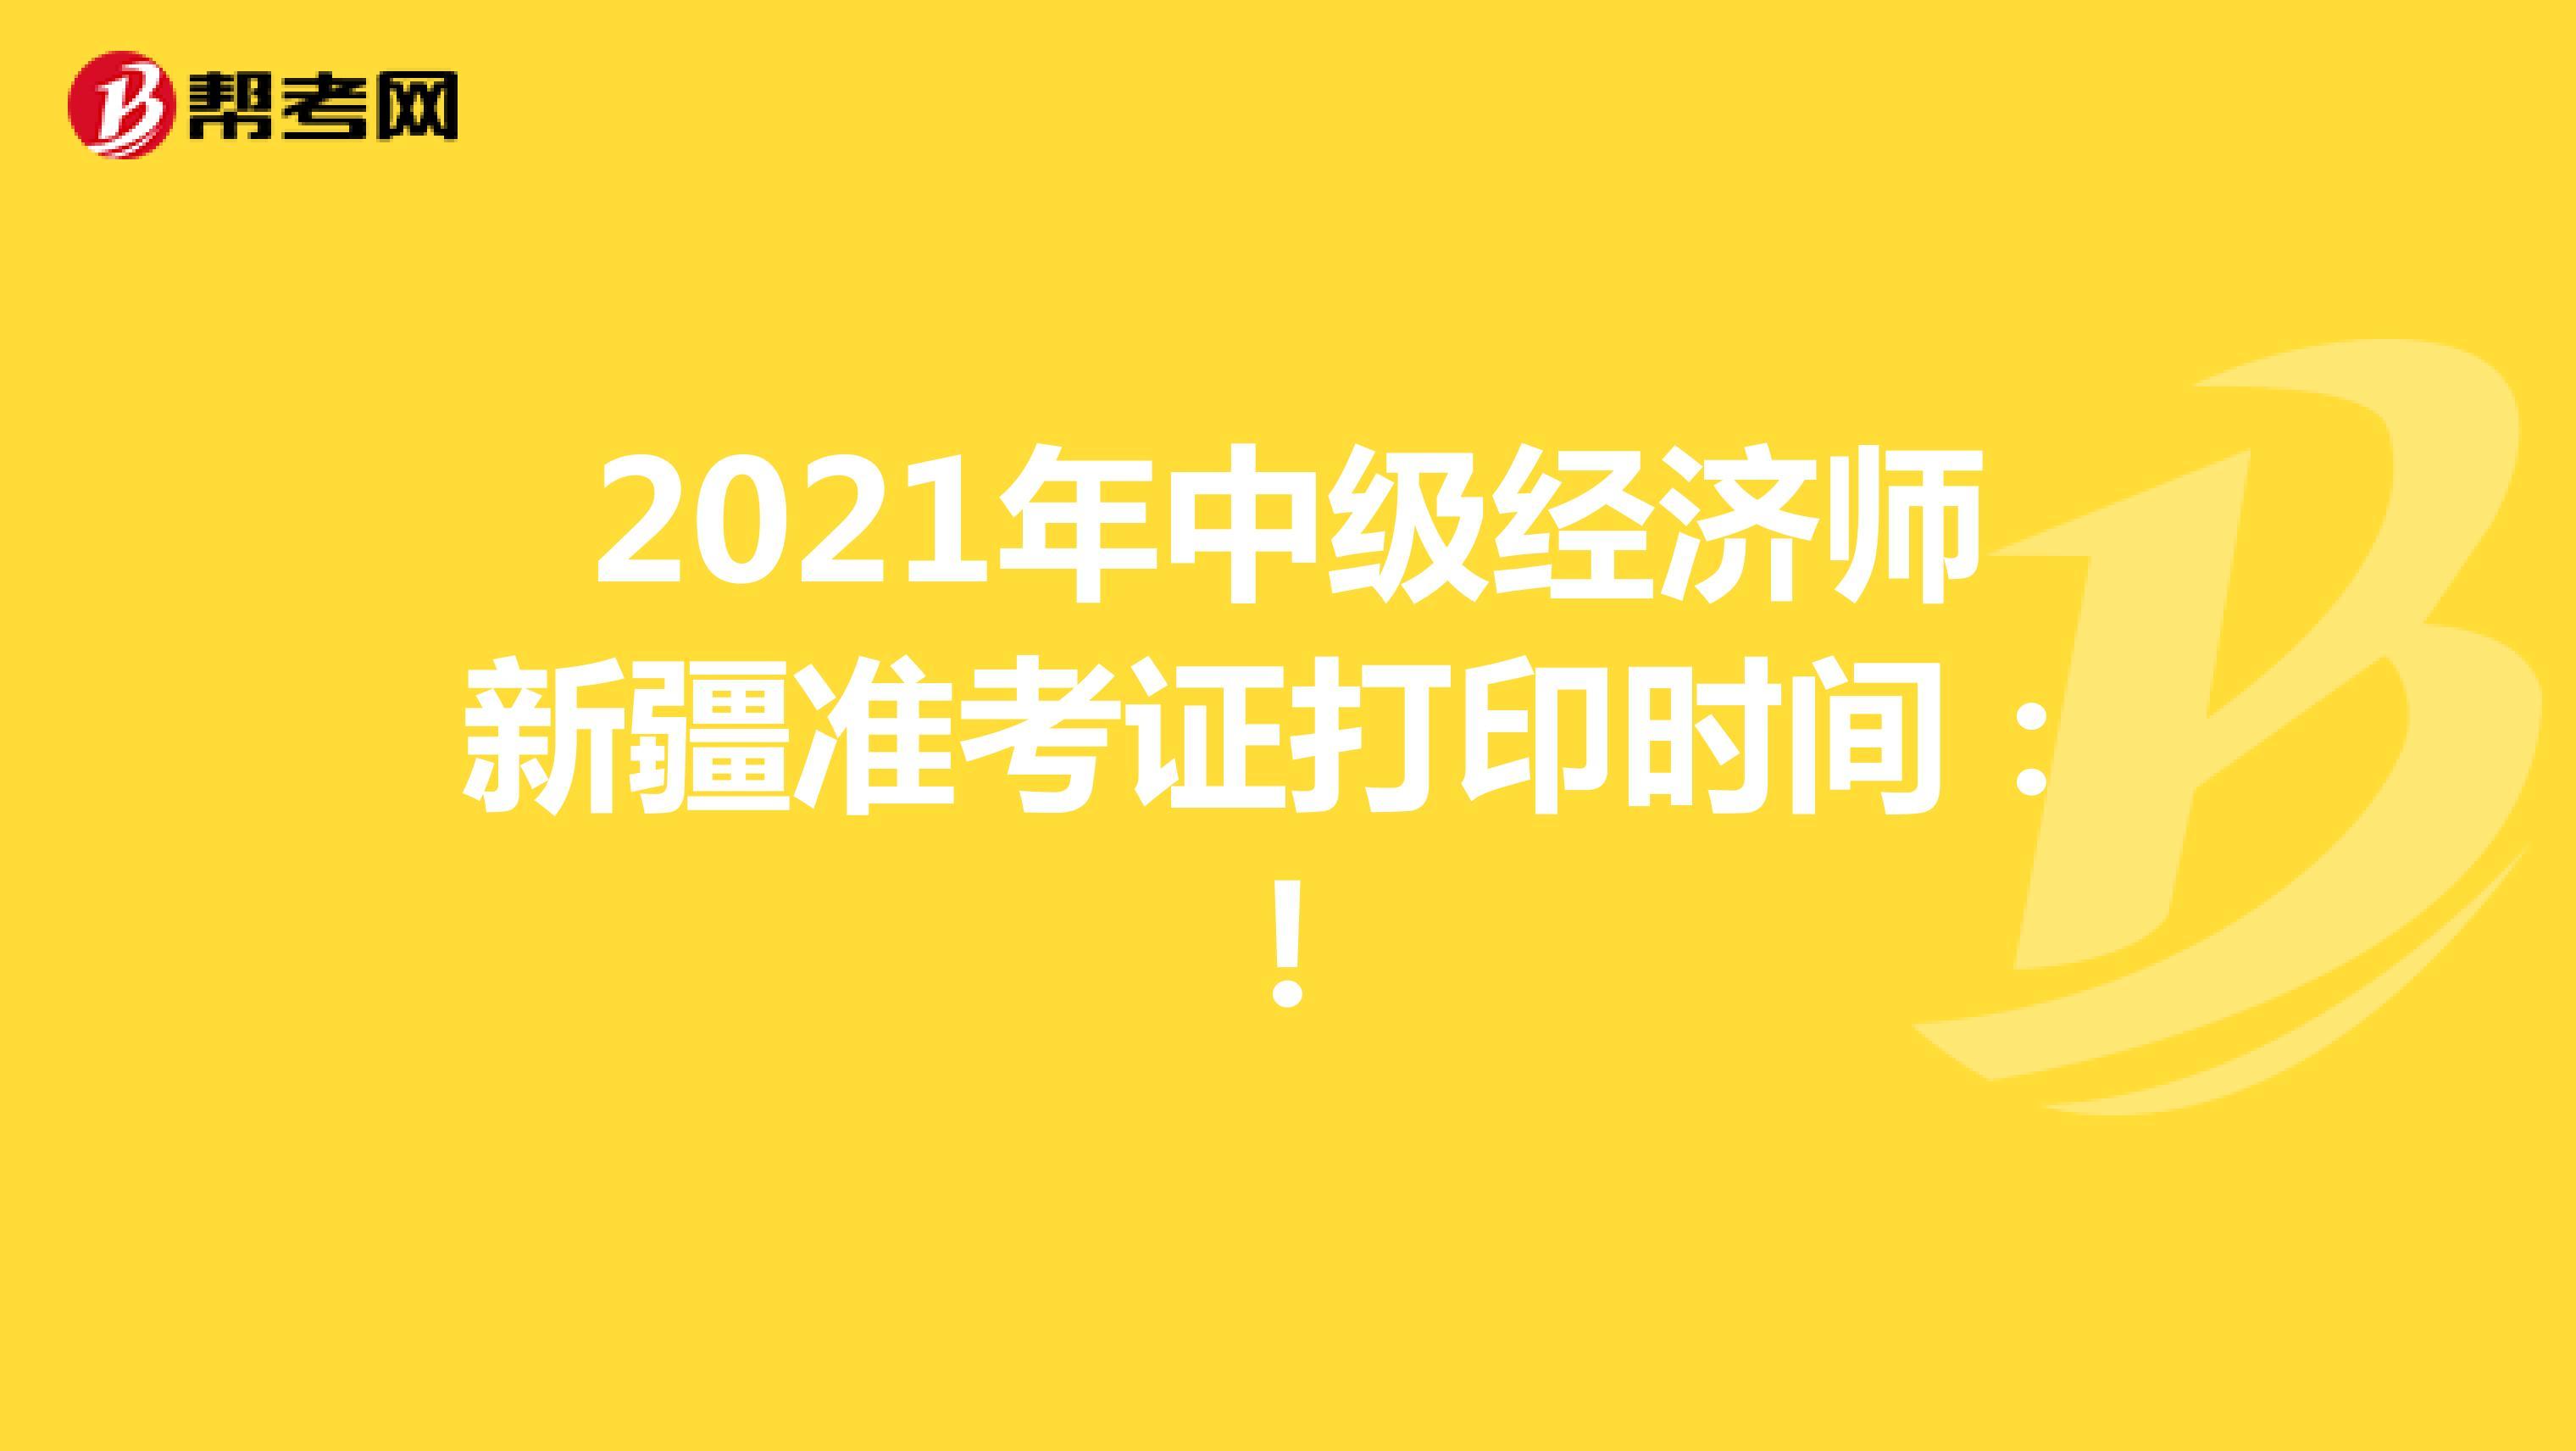 2021年中级经济师新疆准考证打印时间:考前一周!